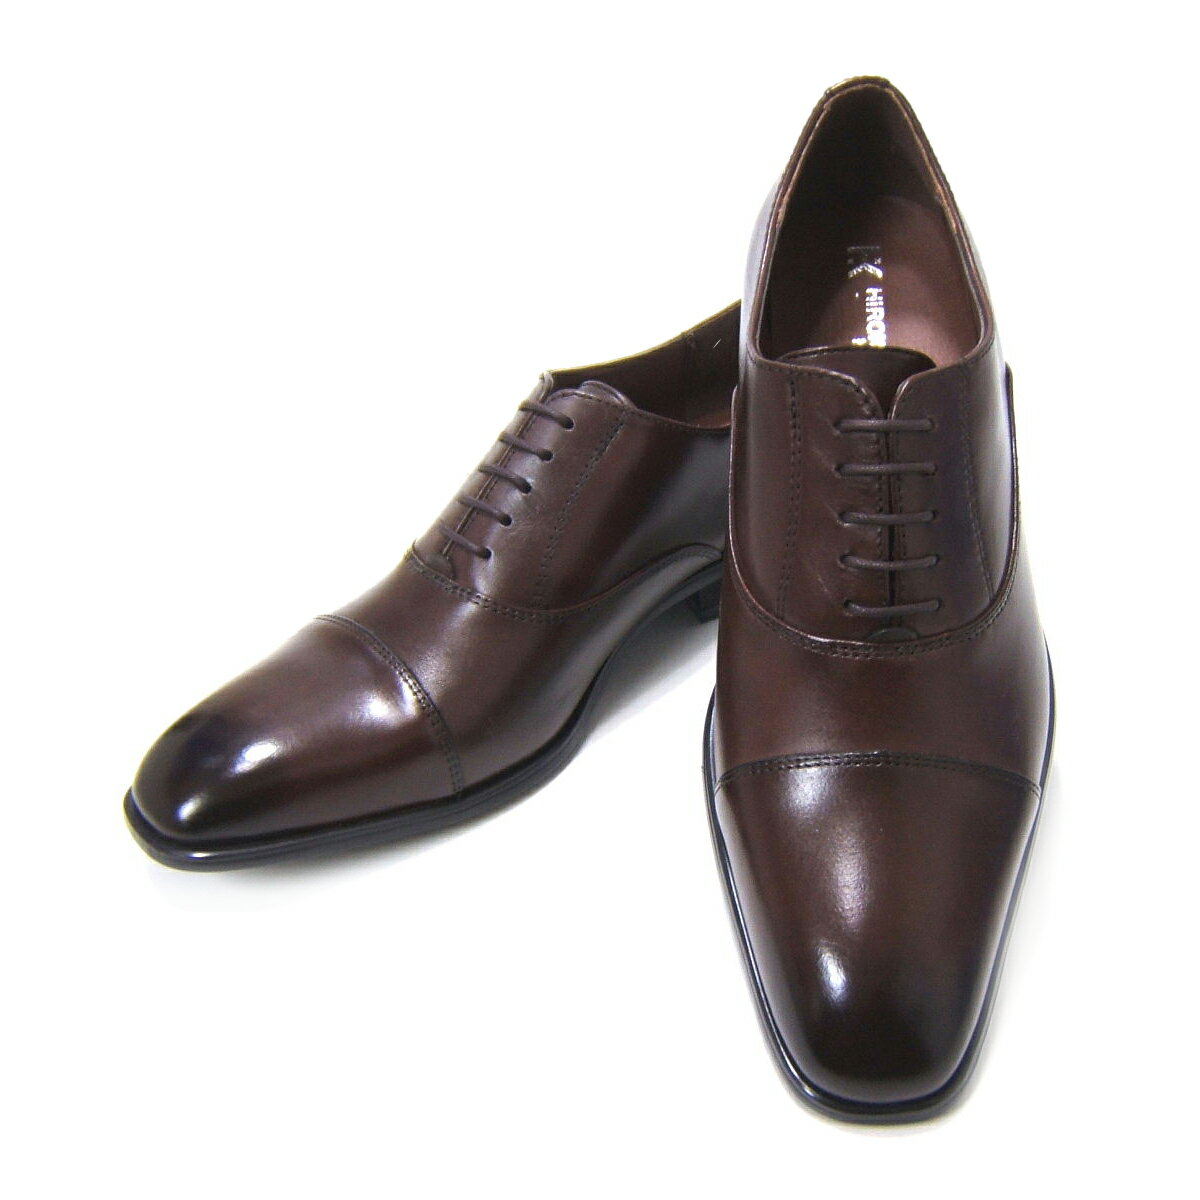 愛され続ける伝統のストレートチップ!HIROKO KOSHINO/ヒロコ コシノ ビジネス HK128-DBR紳士靴 ダークブラウン ストレートチップ 内羽根 ロングノーズ3Eワイズ ビジネス 送料無料